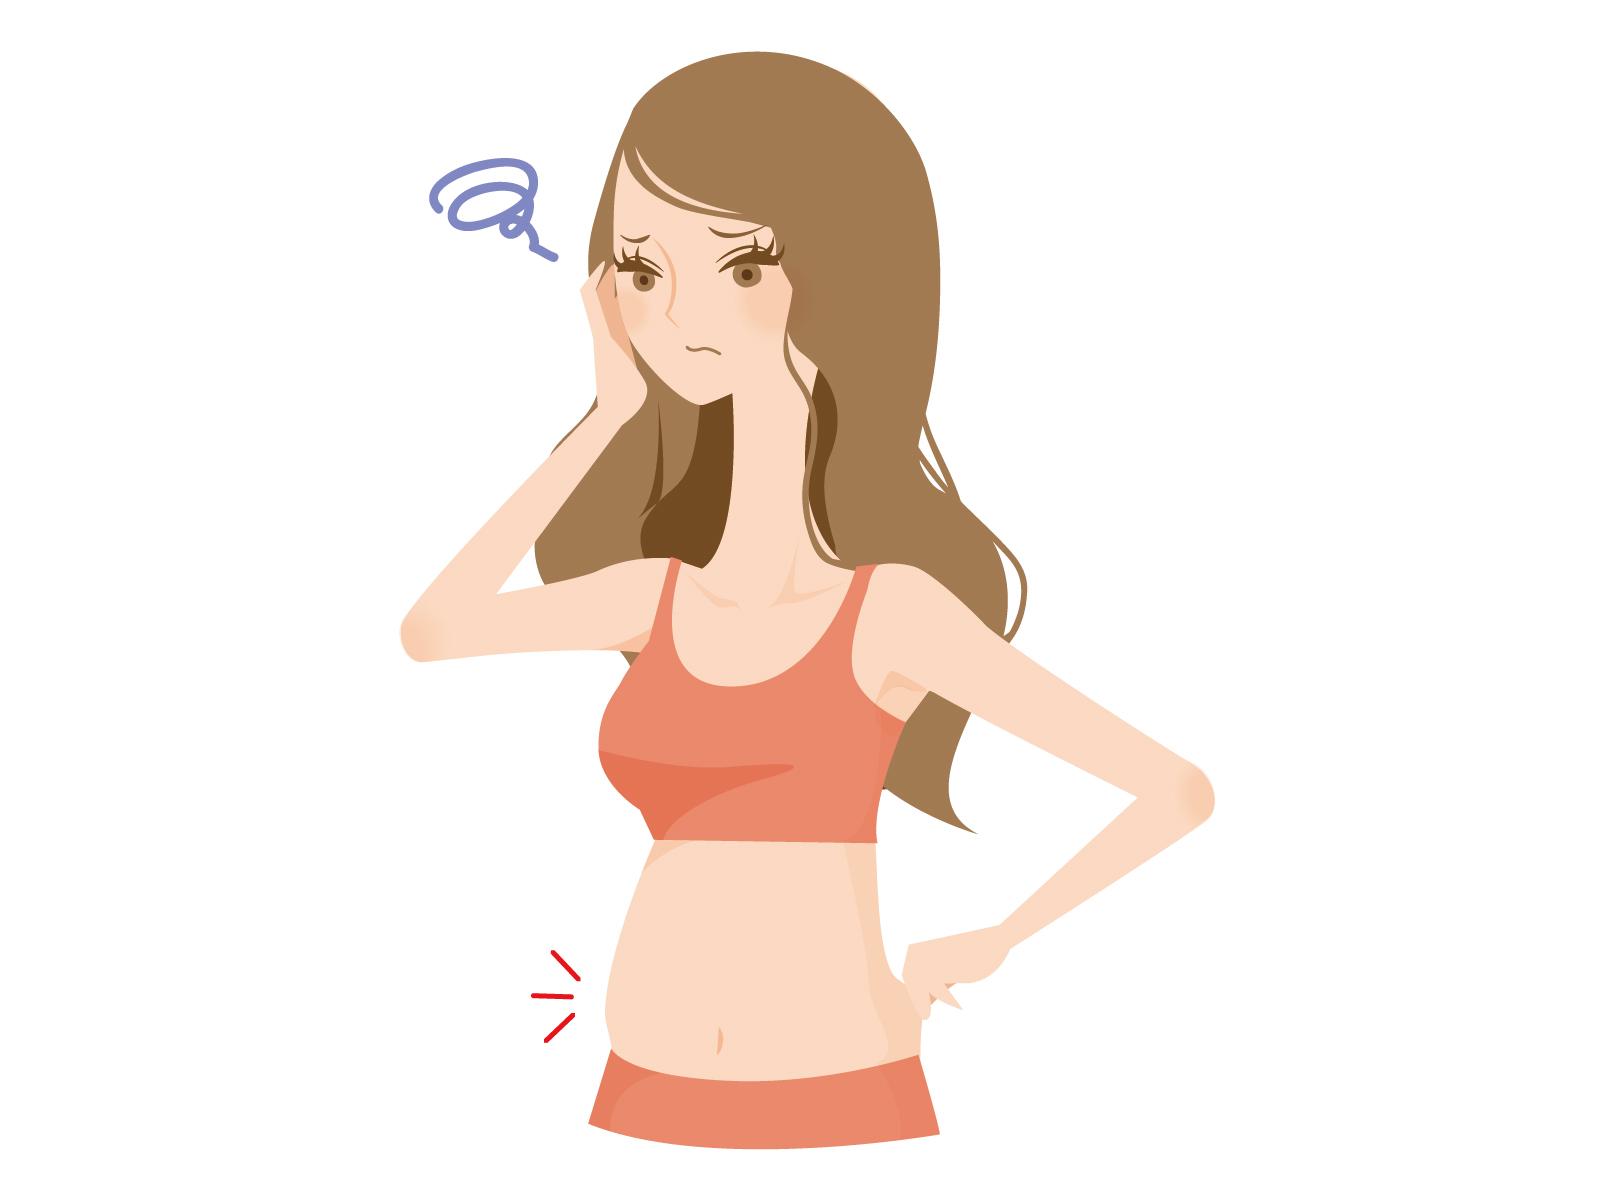 正月太りを解消する食べ物!短期間で脂肪燃焼スープがおすすめ!